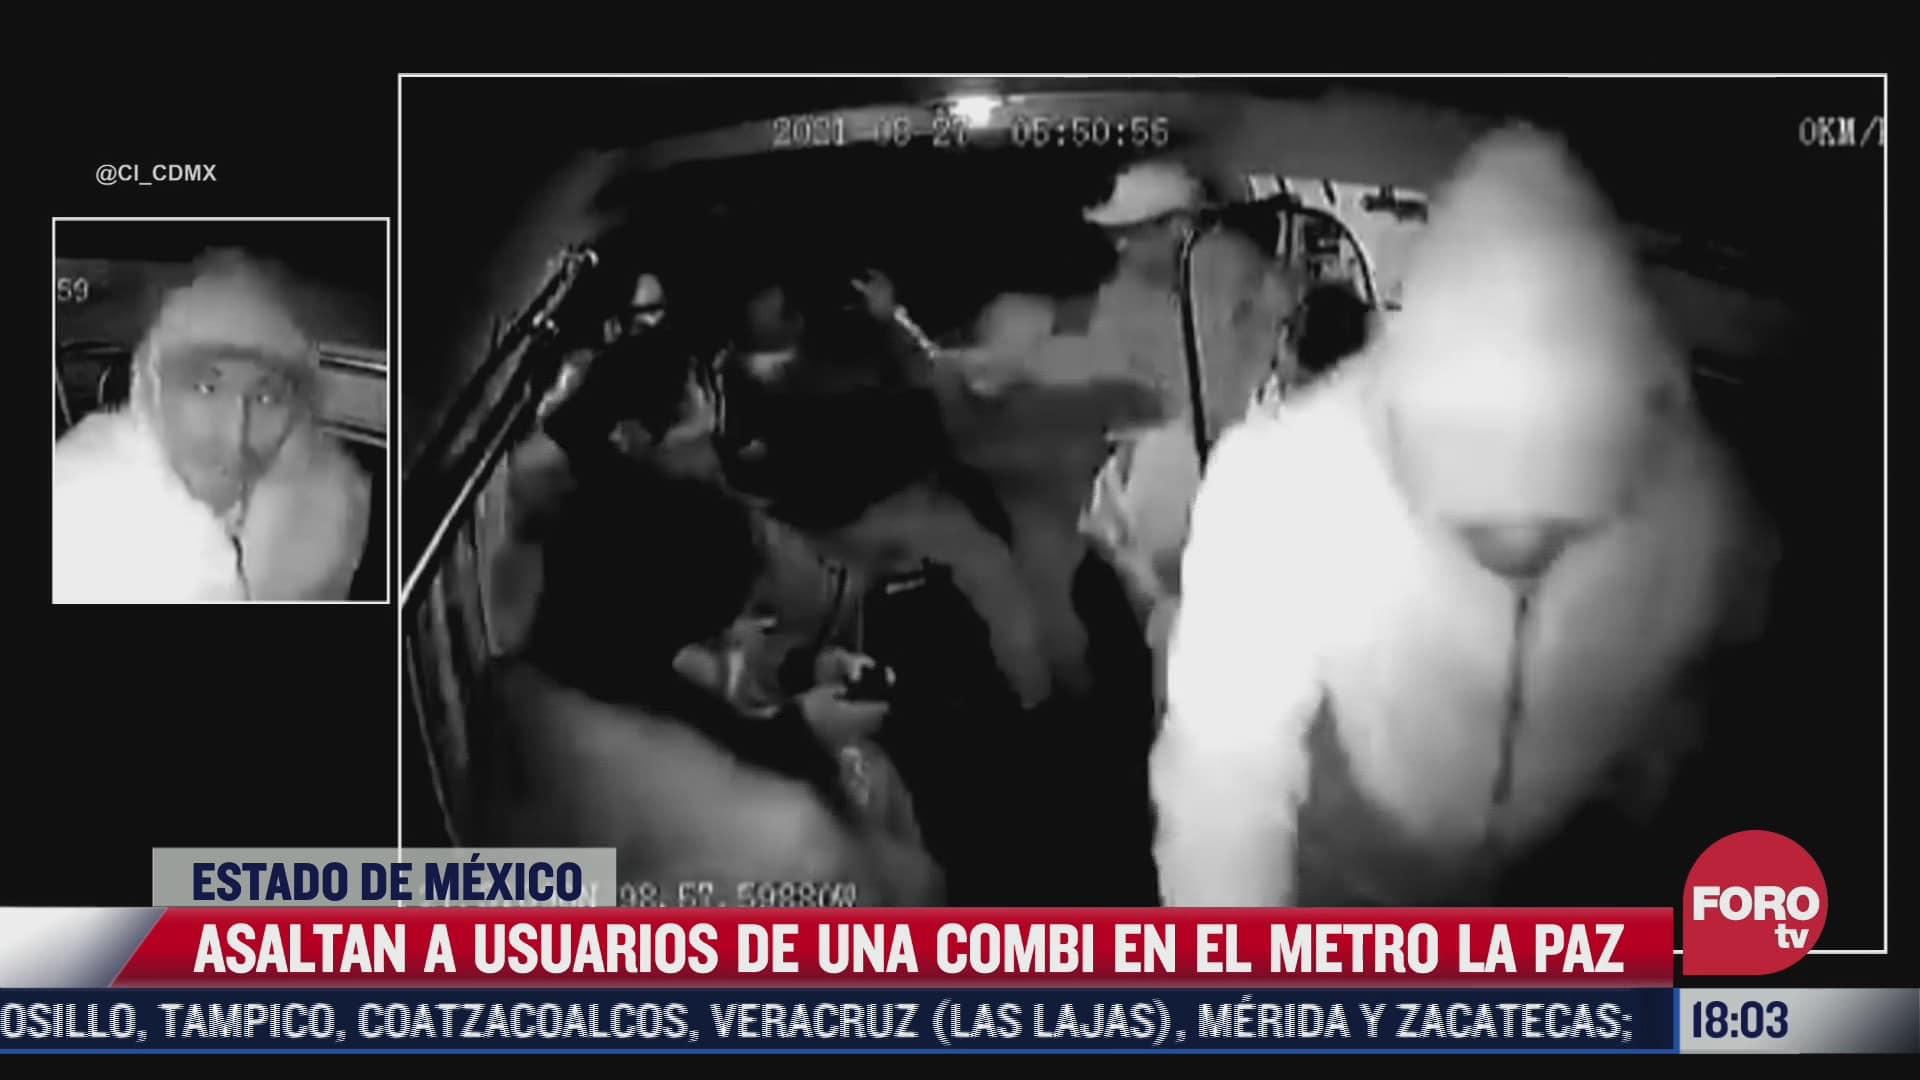 asaltan a usuarios de una combi en el metro la paz